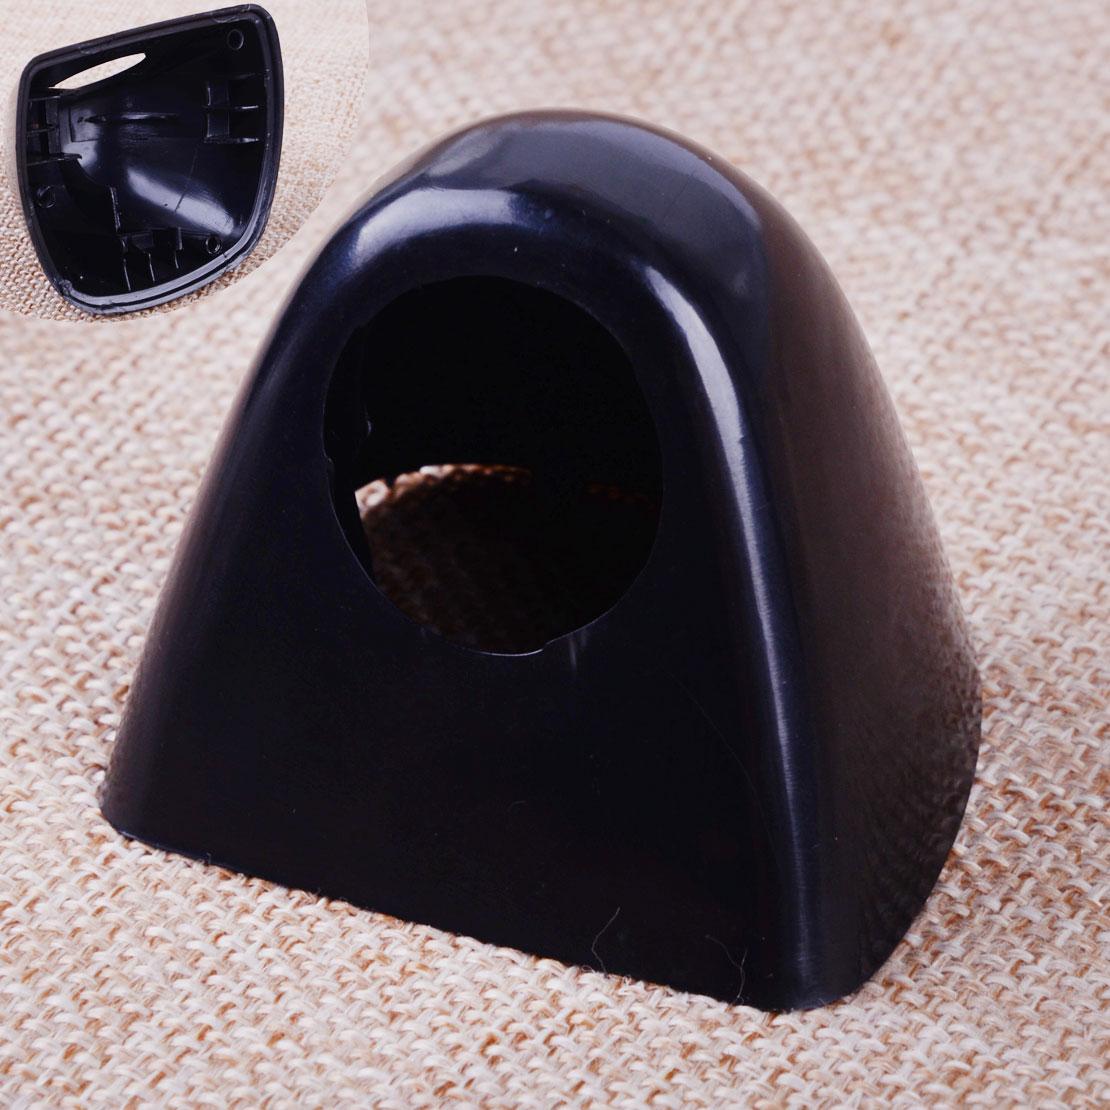 OEM 51118250413 Front Bumper Left Tow Hook Cover Cap fits BMW X5 E53 2000-2003